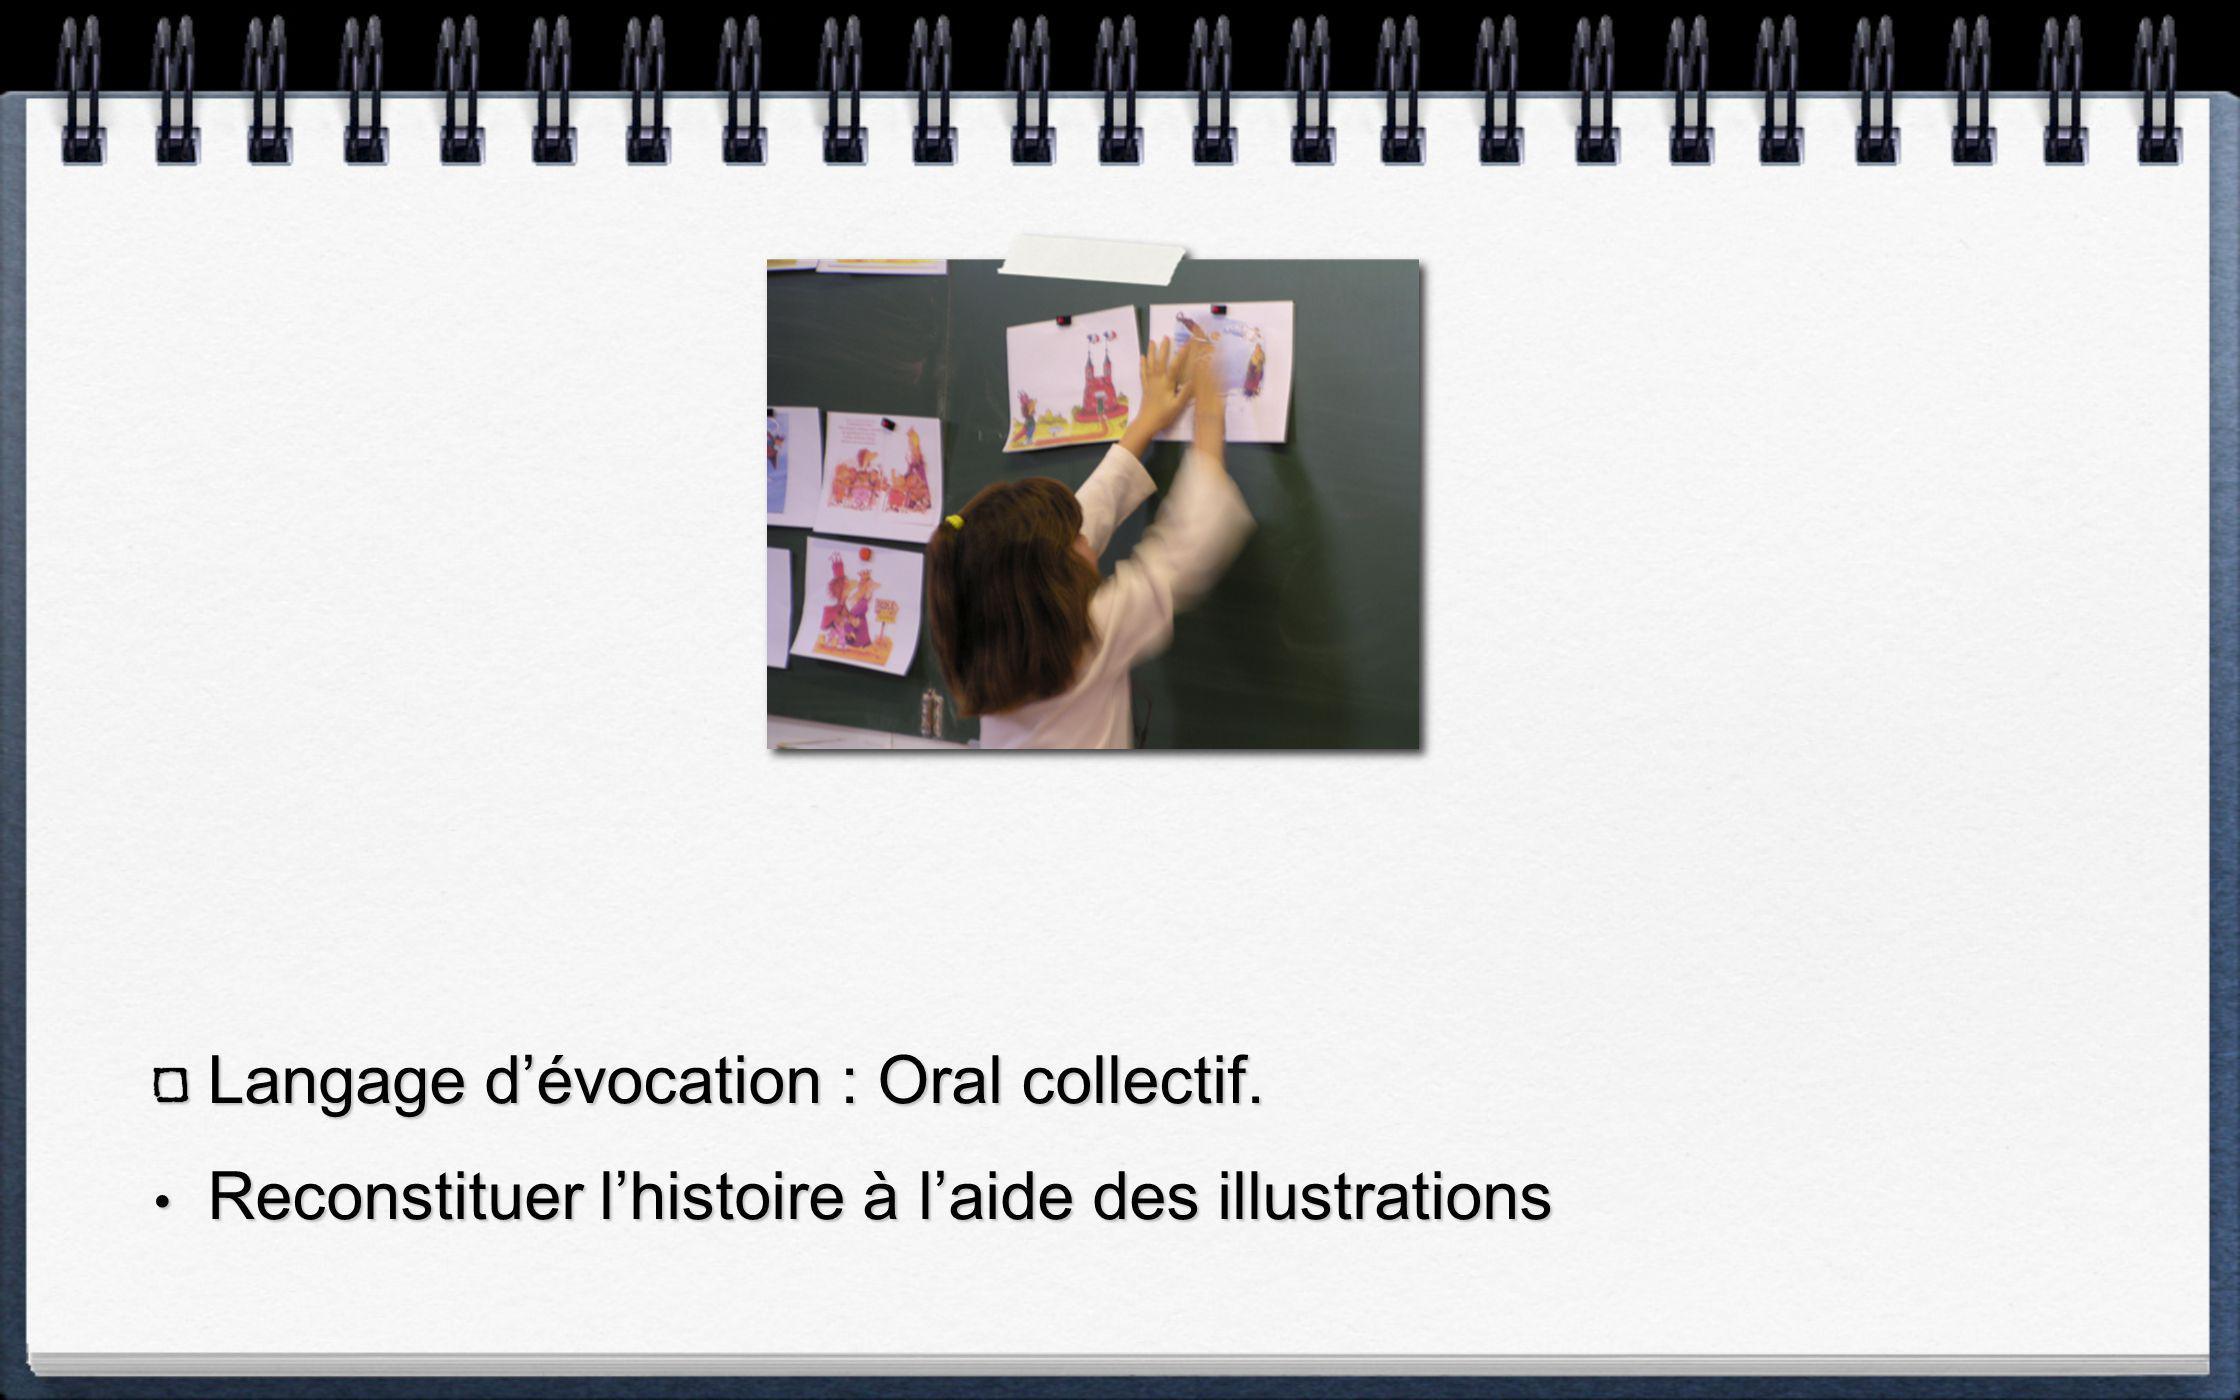 Langage d'évocation : Oral collectif.